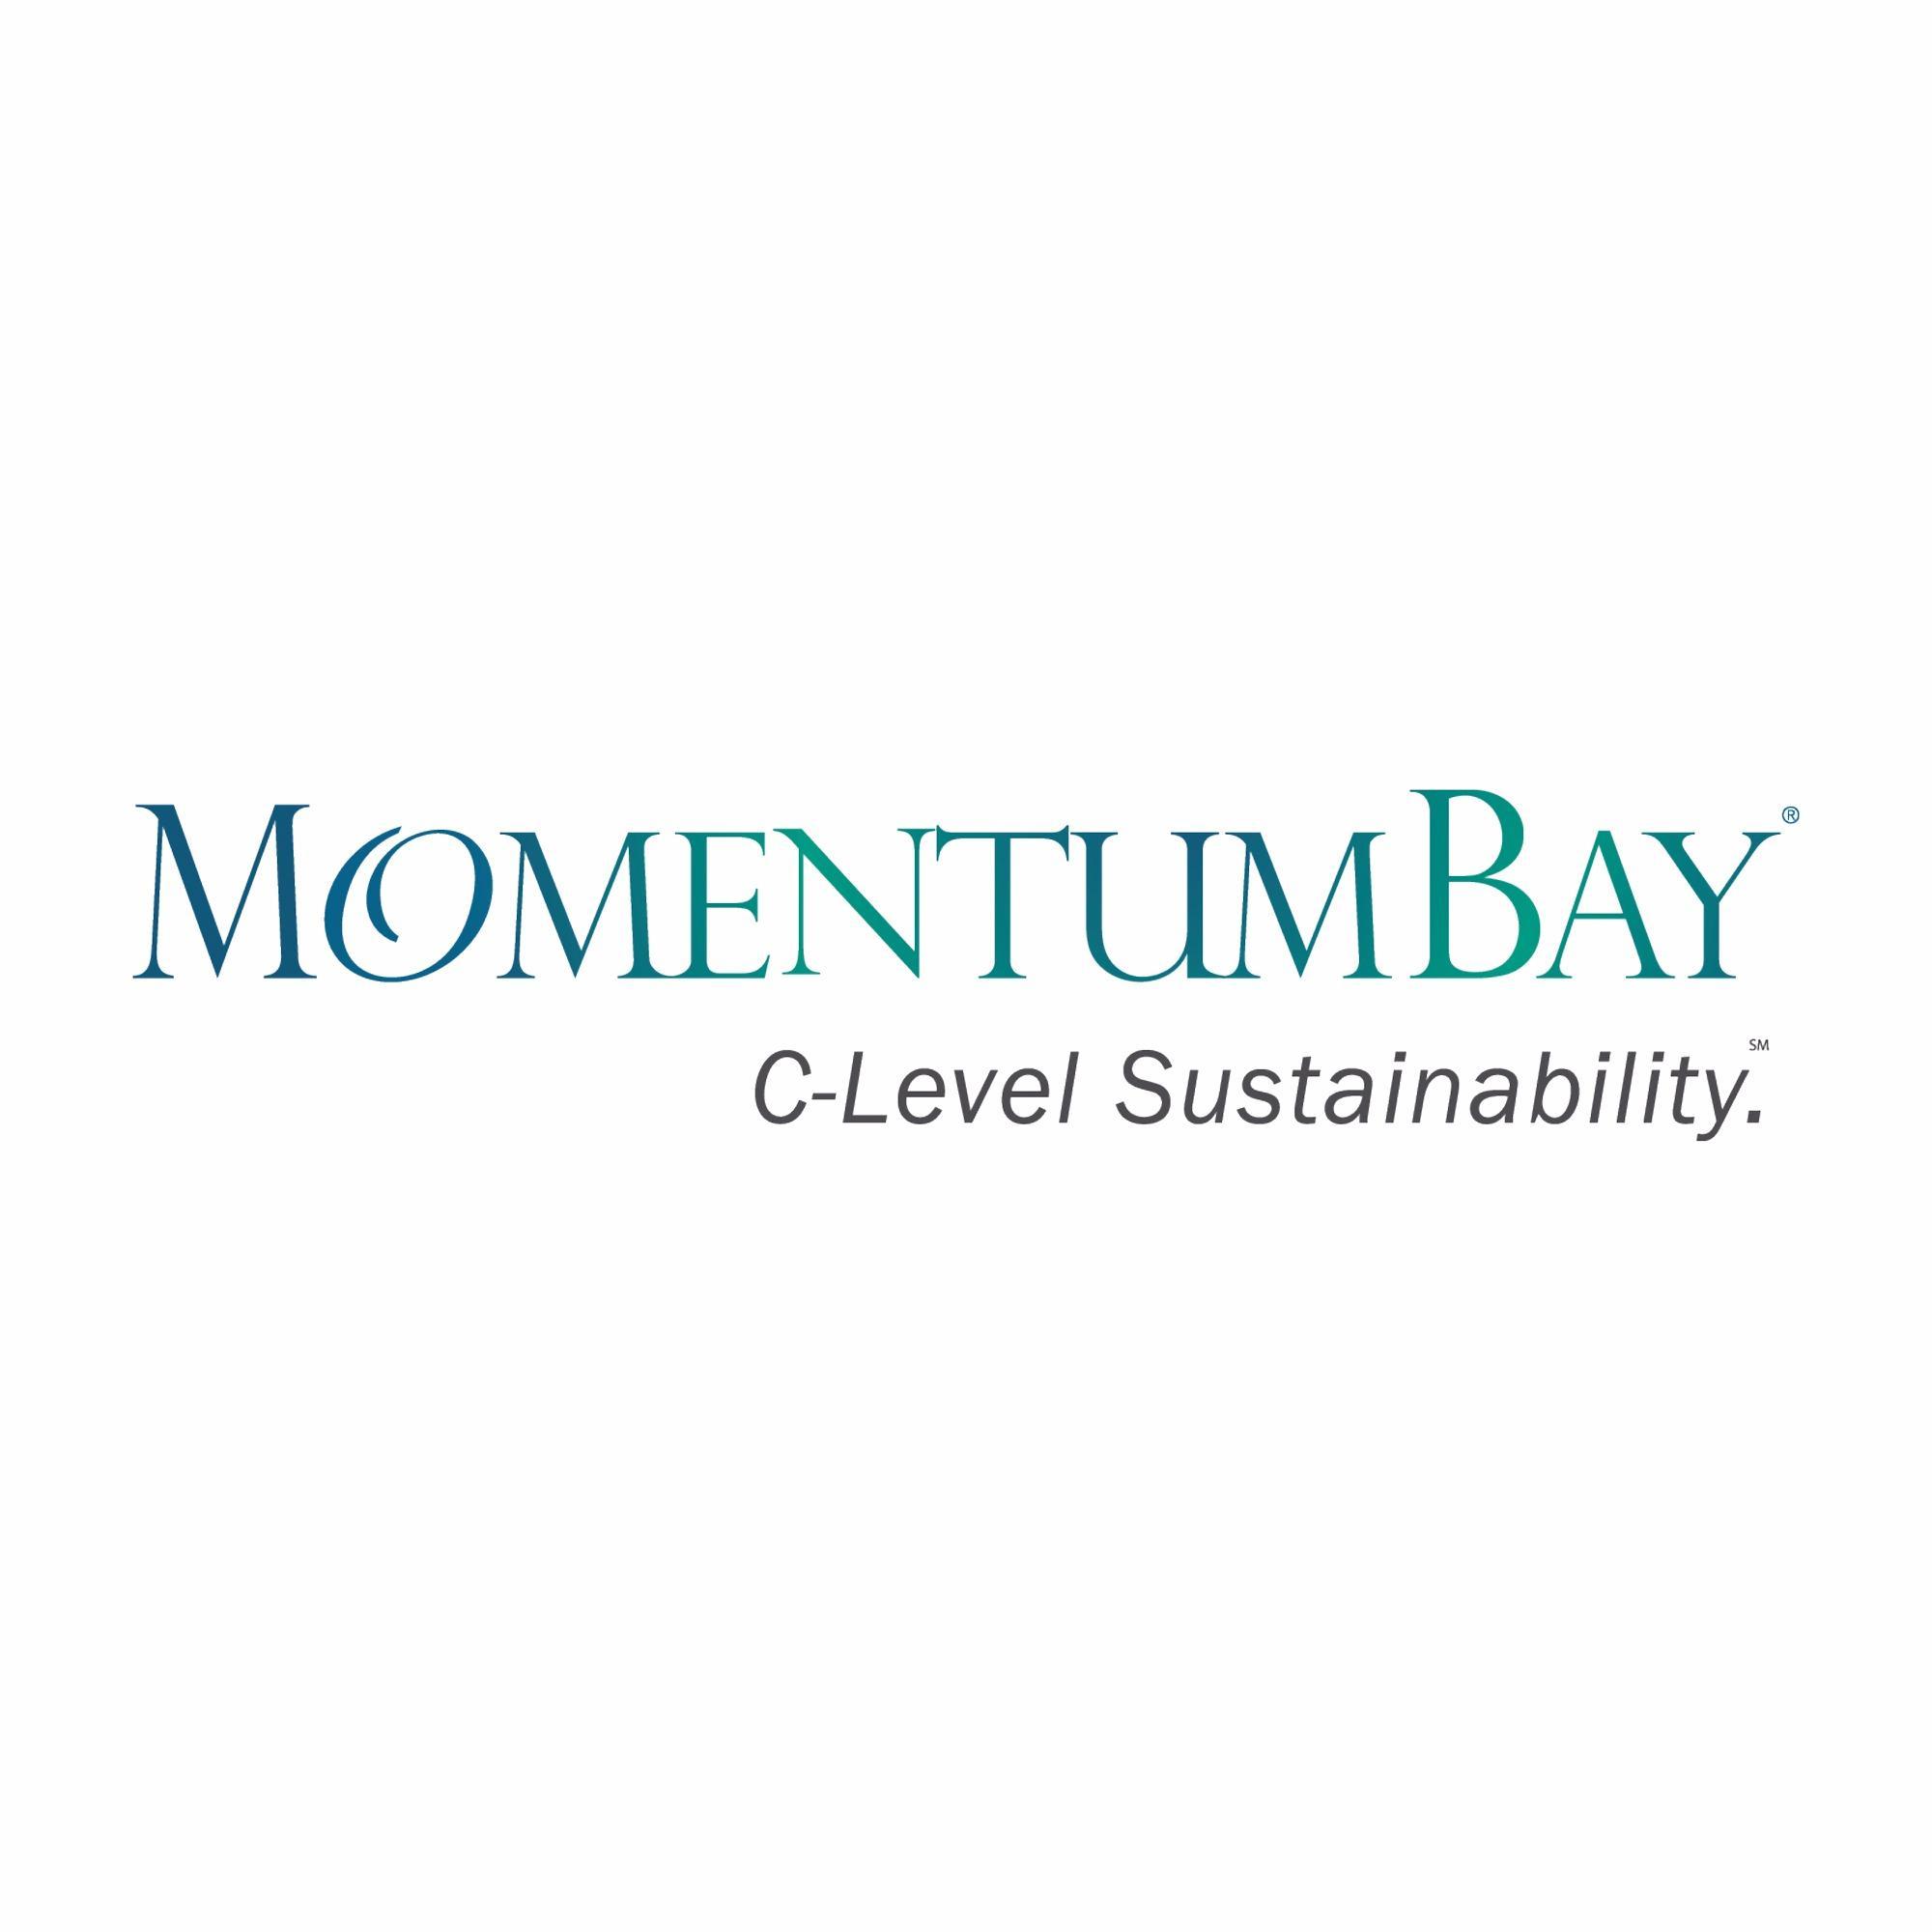 Momentum Bay